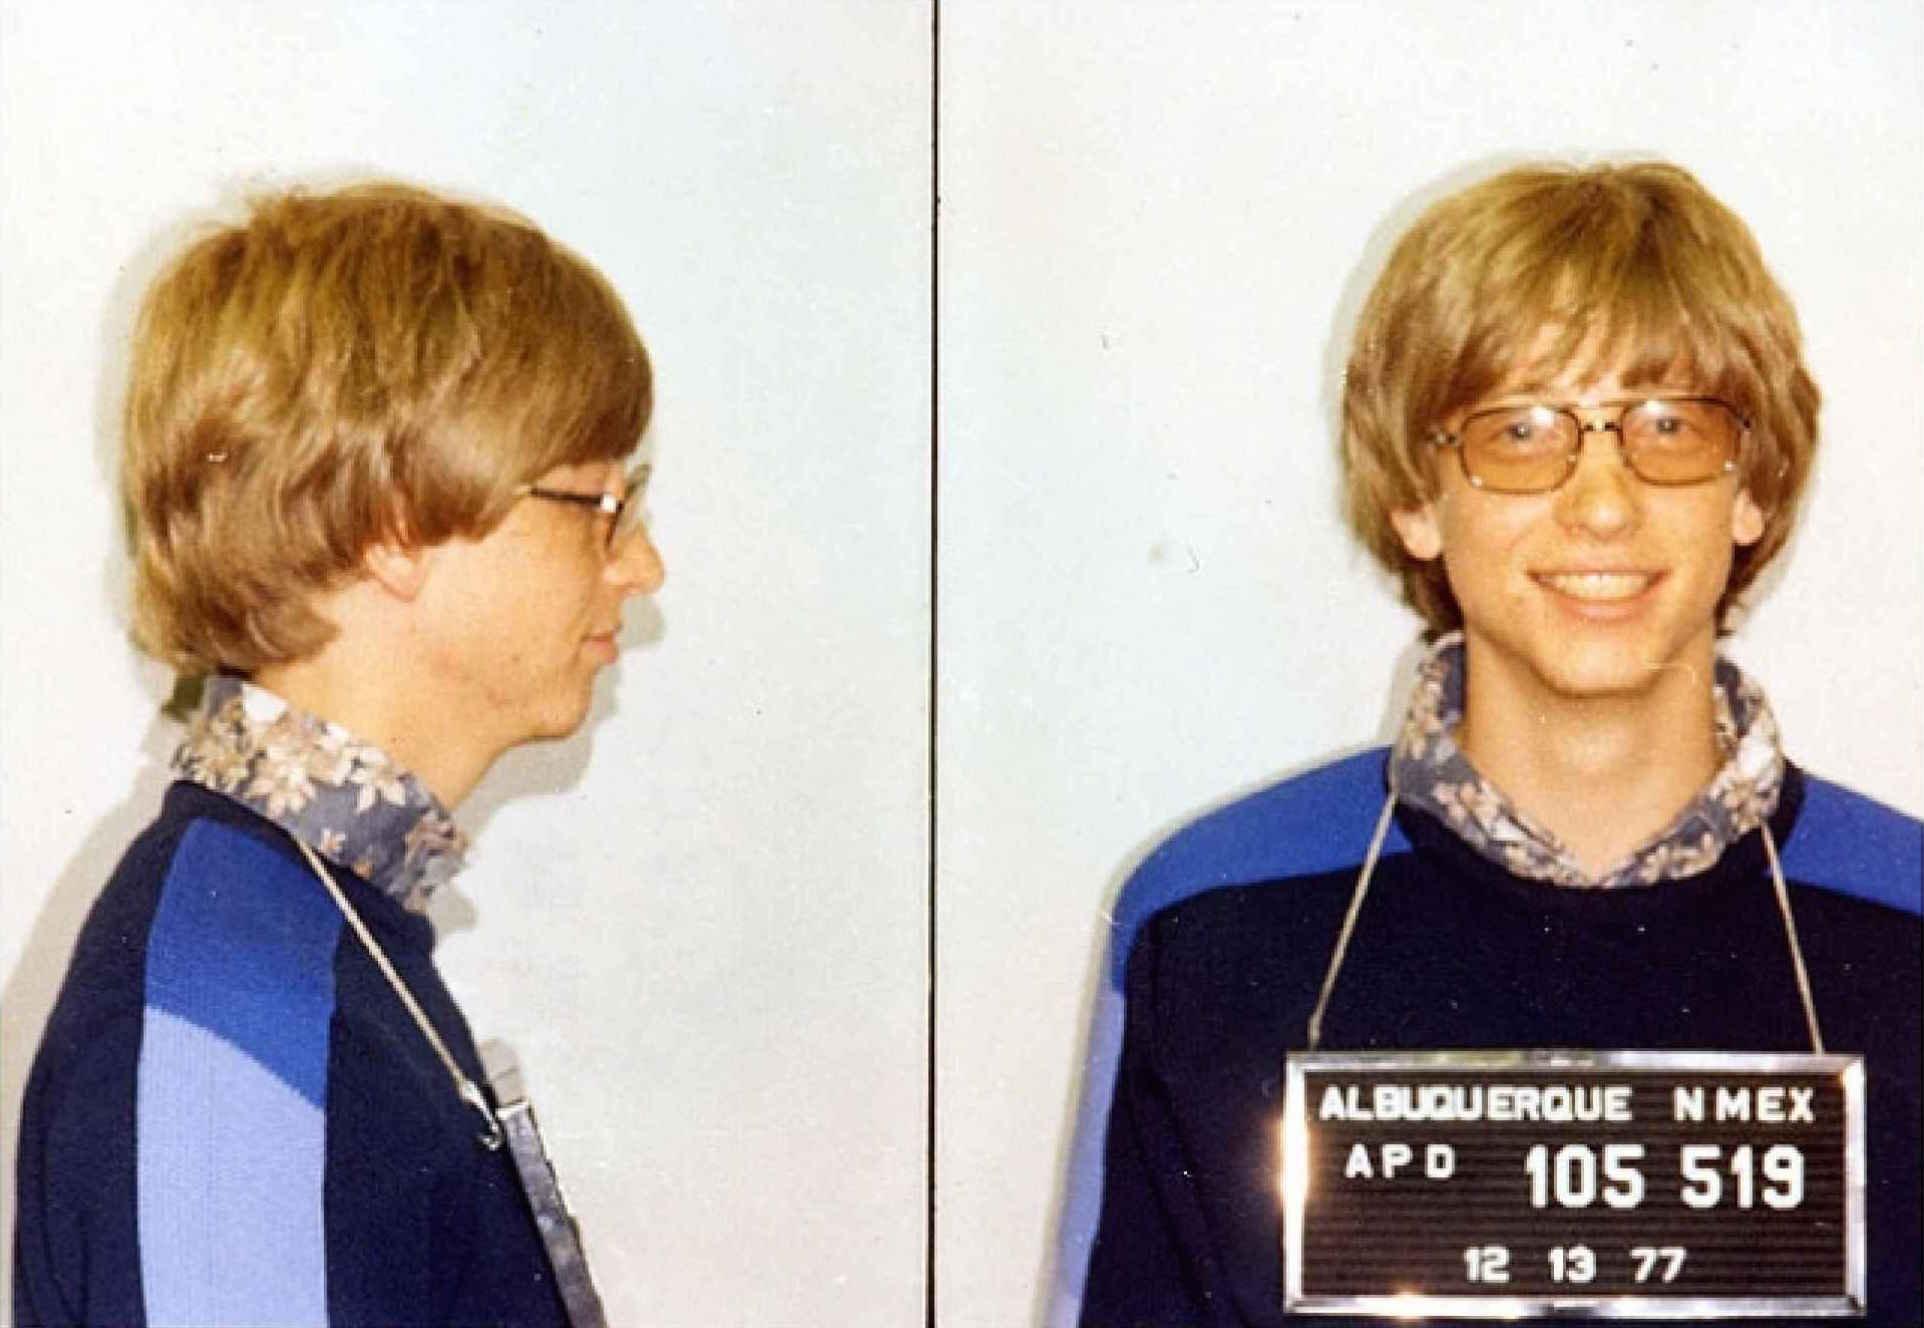 Tán gái kiểu Bill Gates: Viết phần mềm tự xếp toàn bộ hot girl trong trường học chung với mình